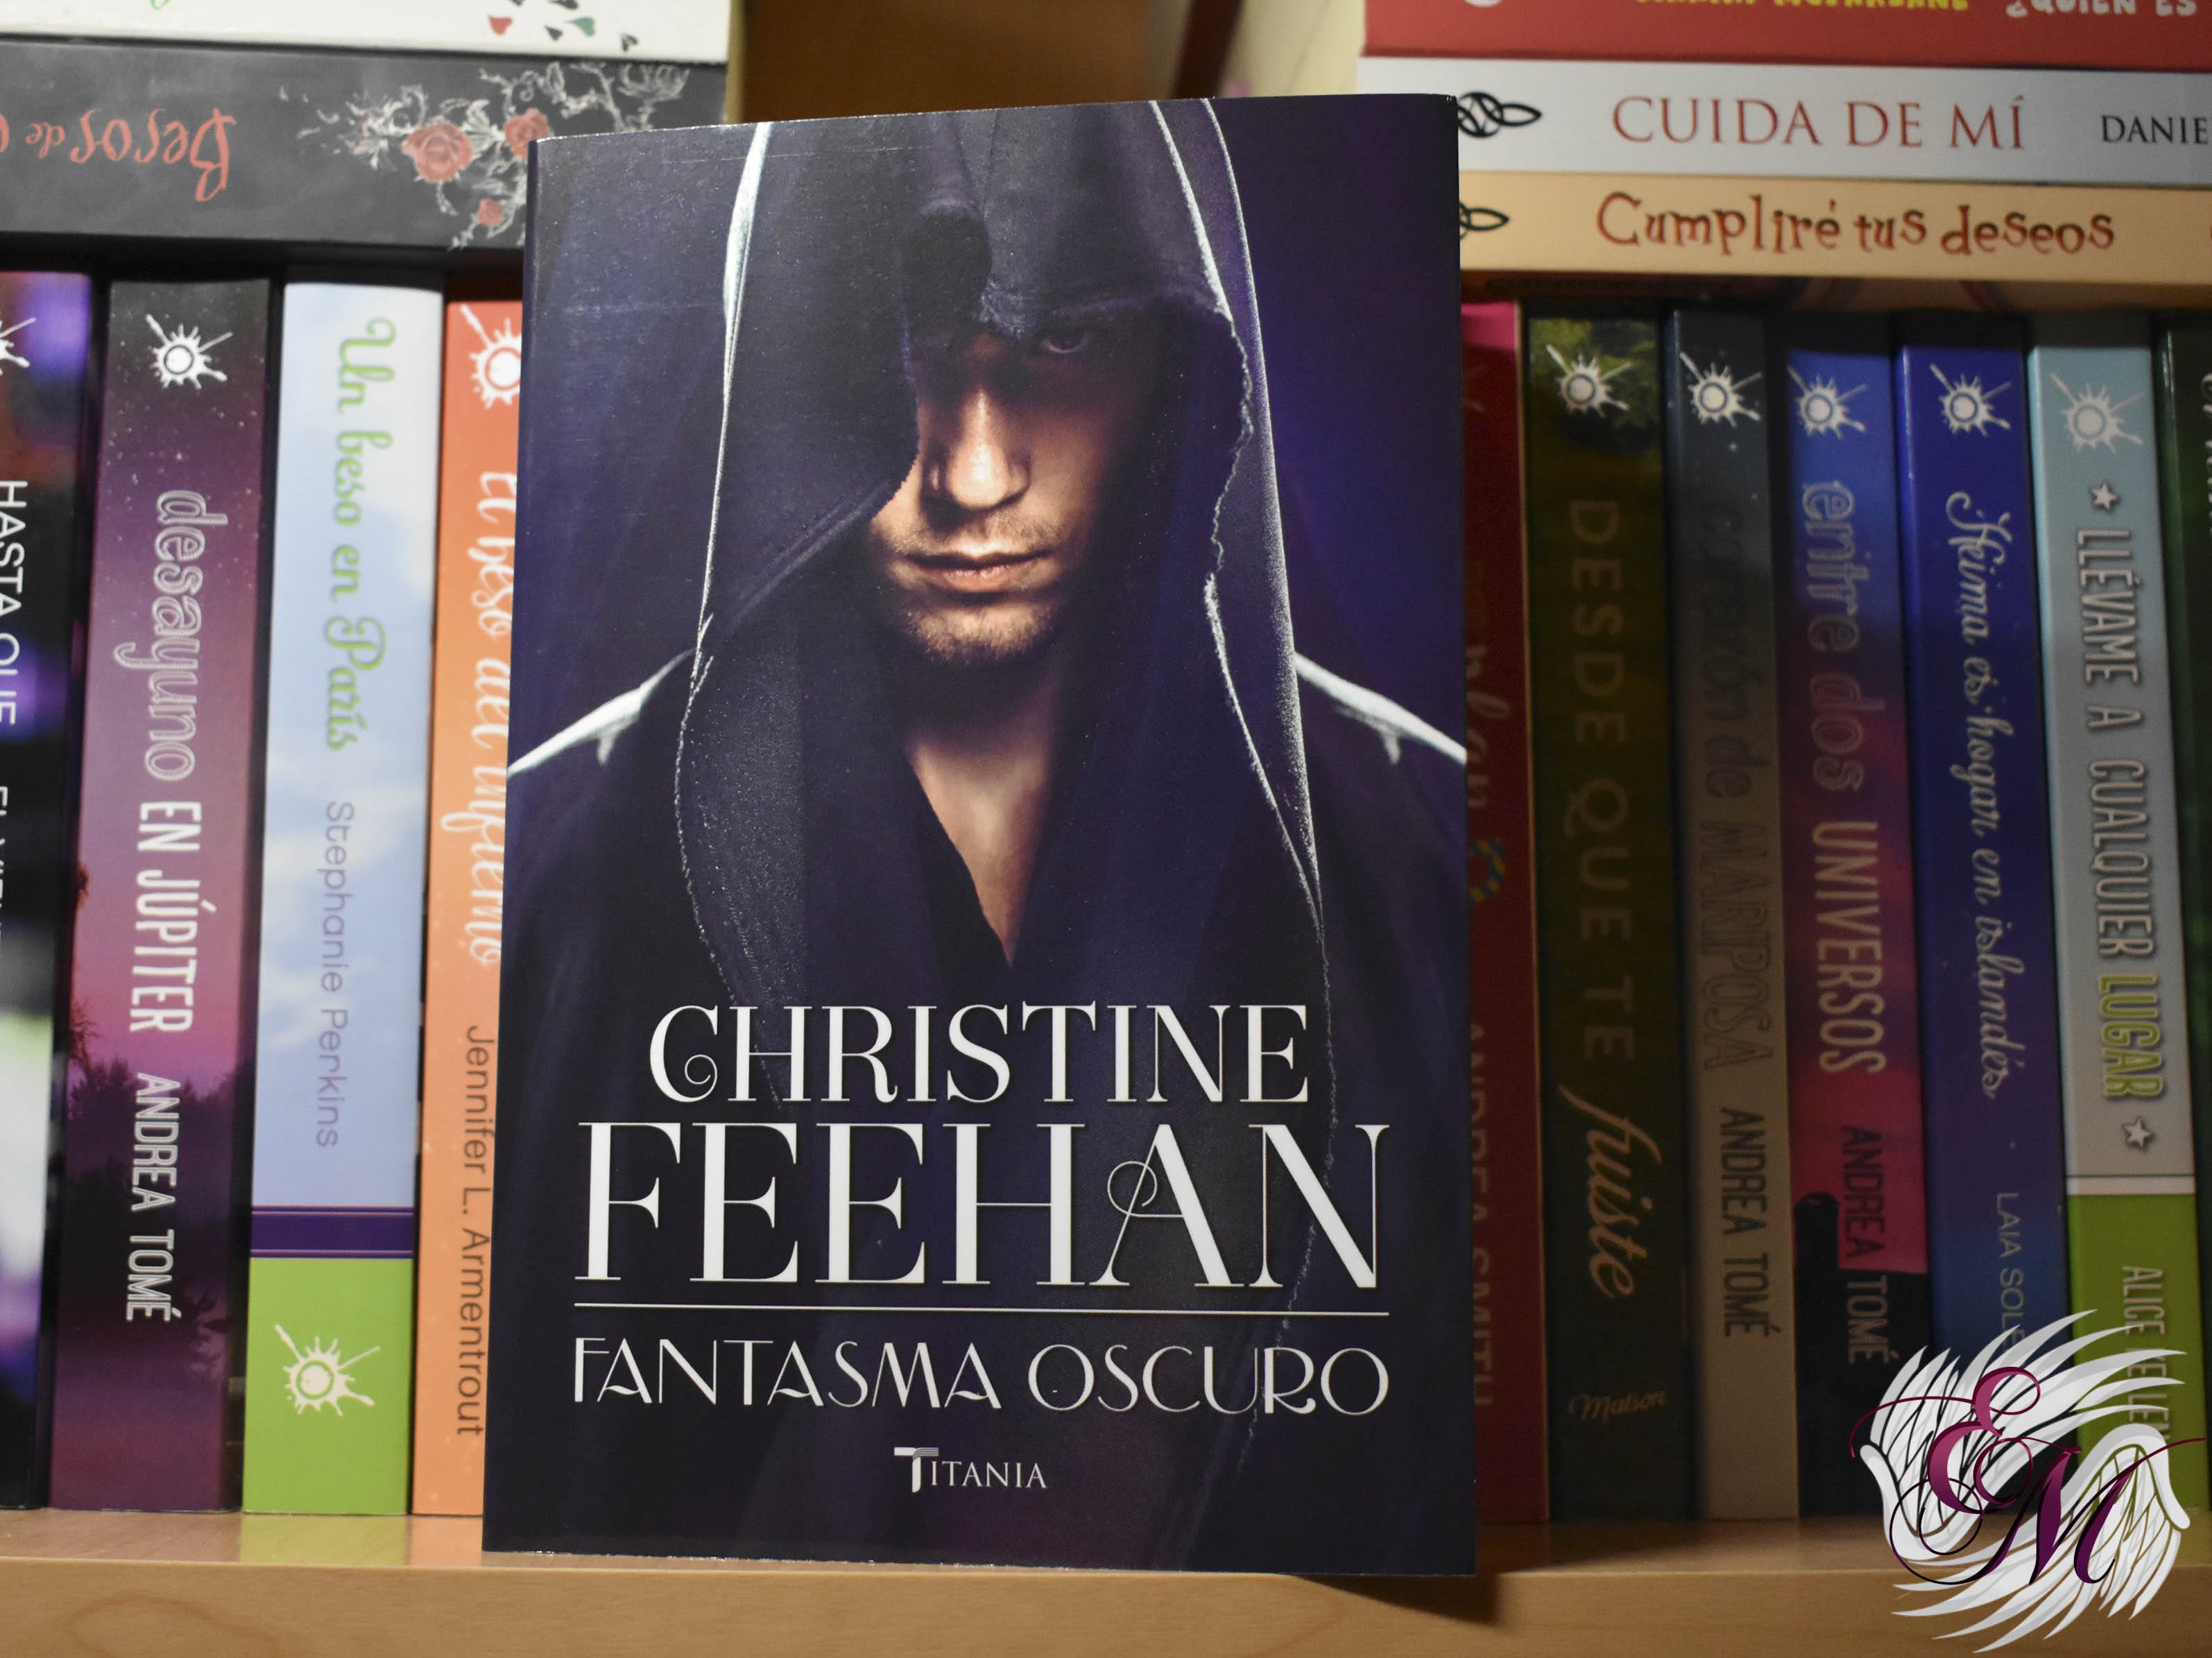 Fantasma oscuro, de Christine Feehan - Reseña